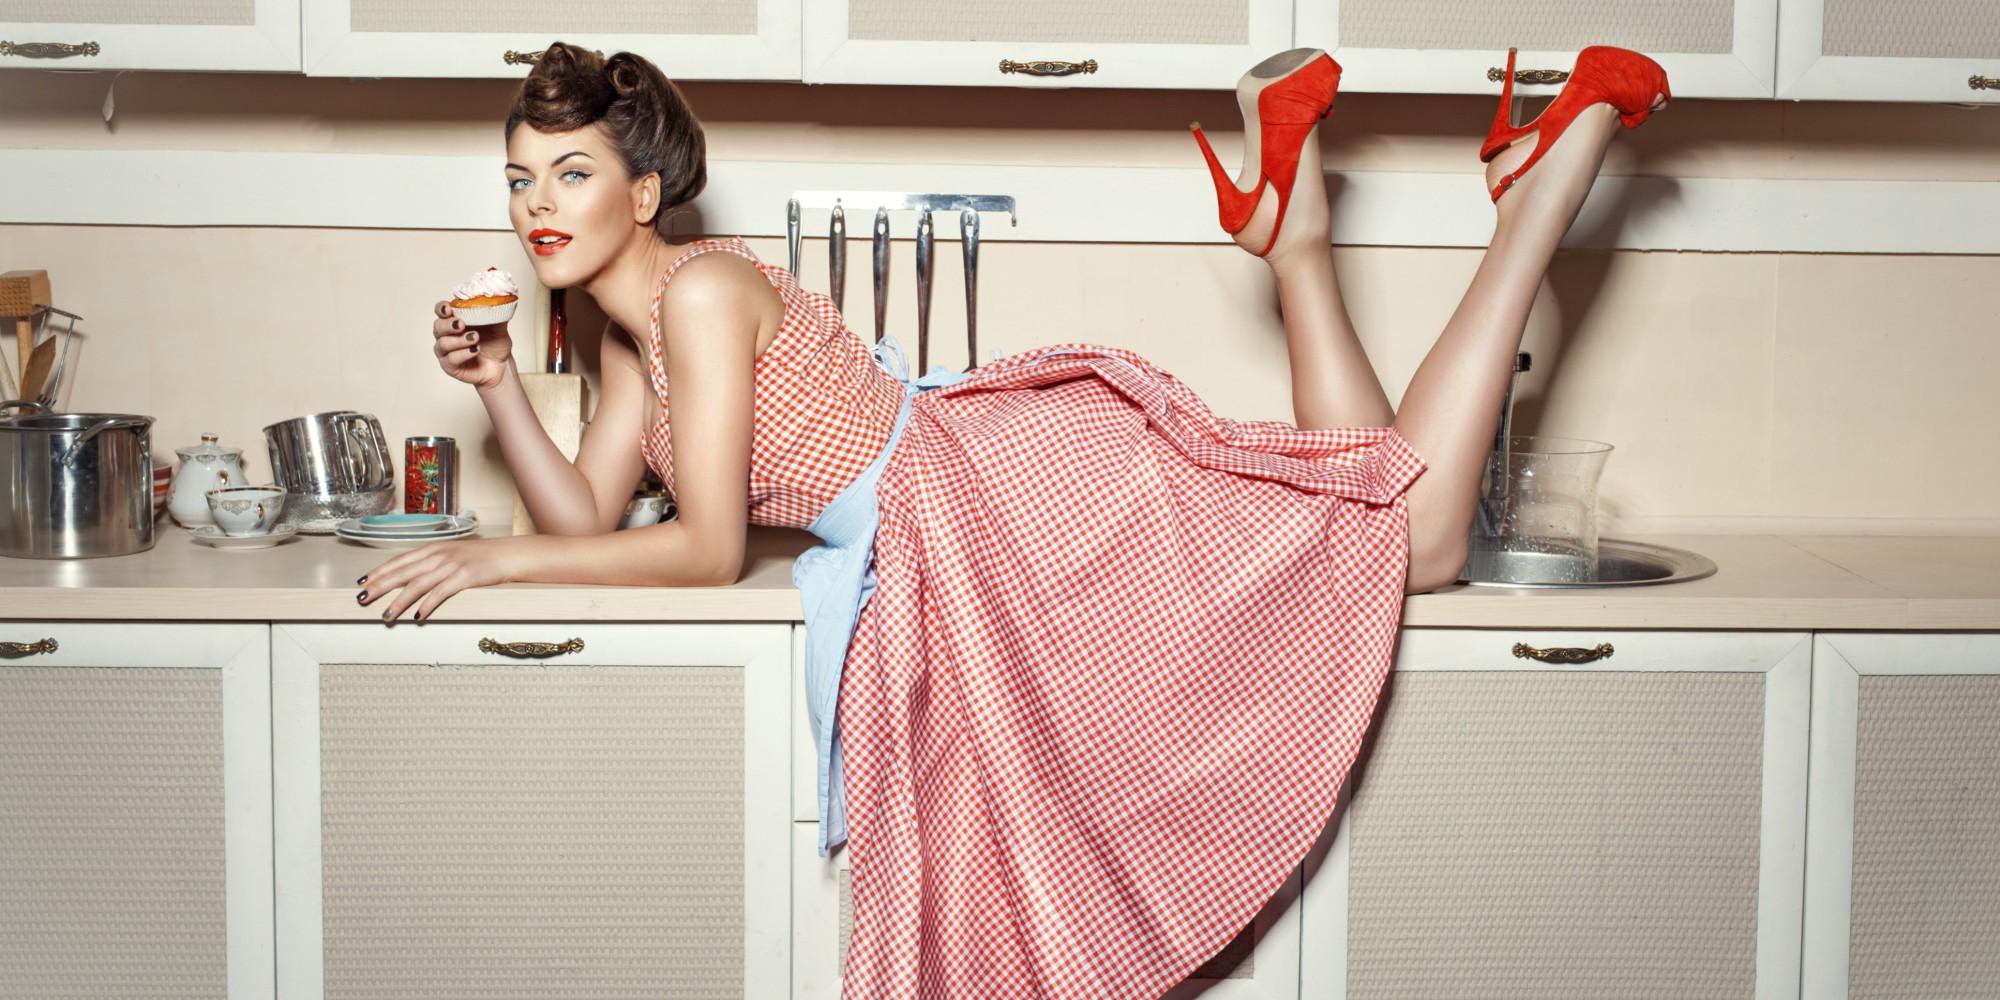 Найти фото девушек на кухне